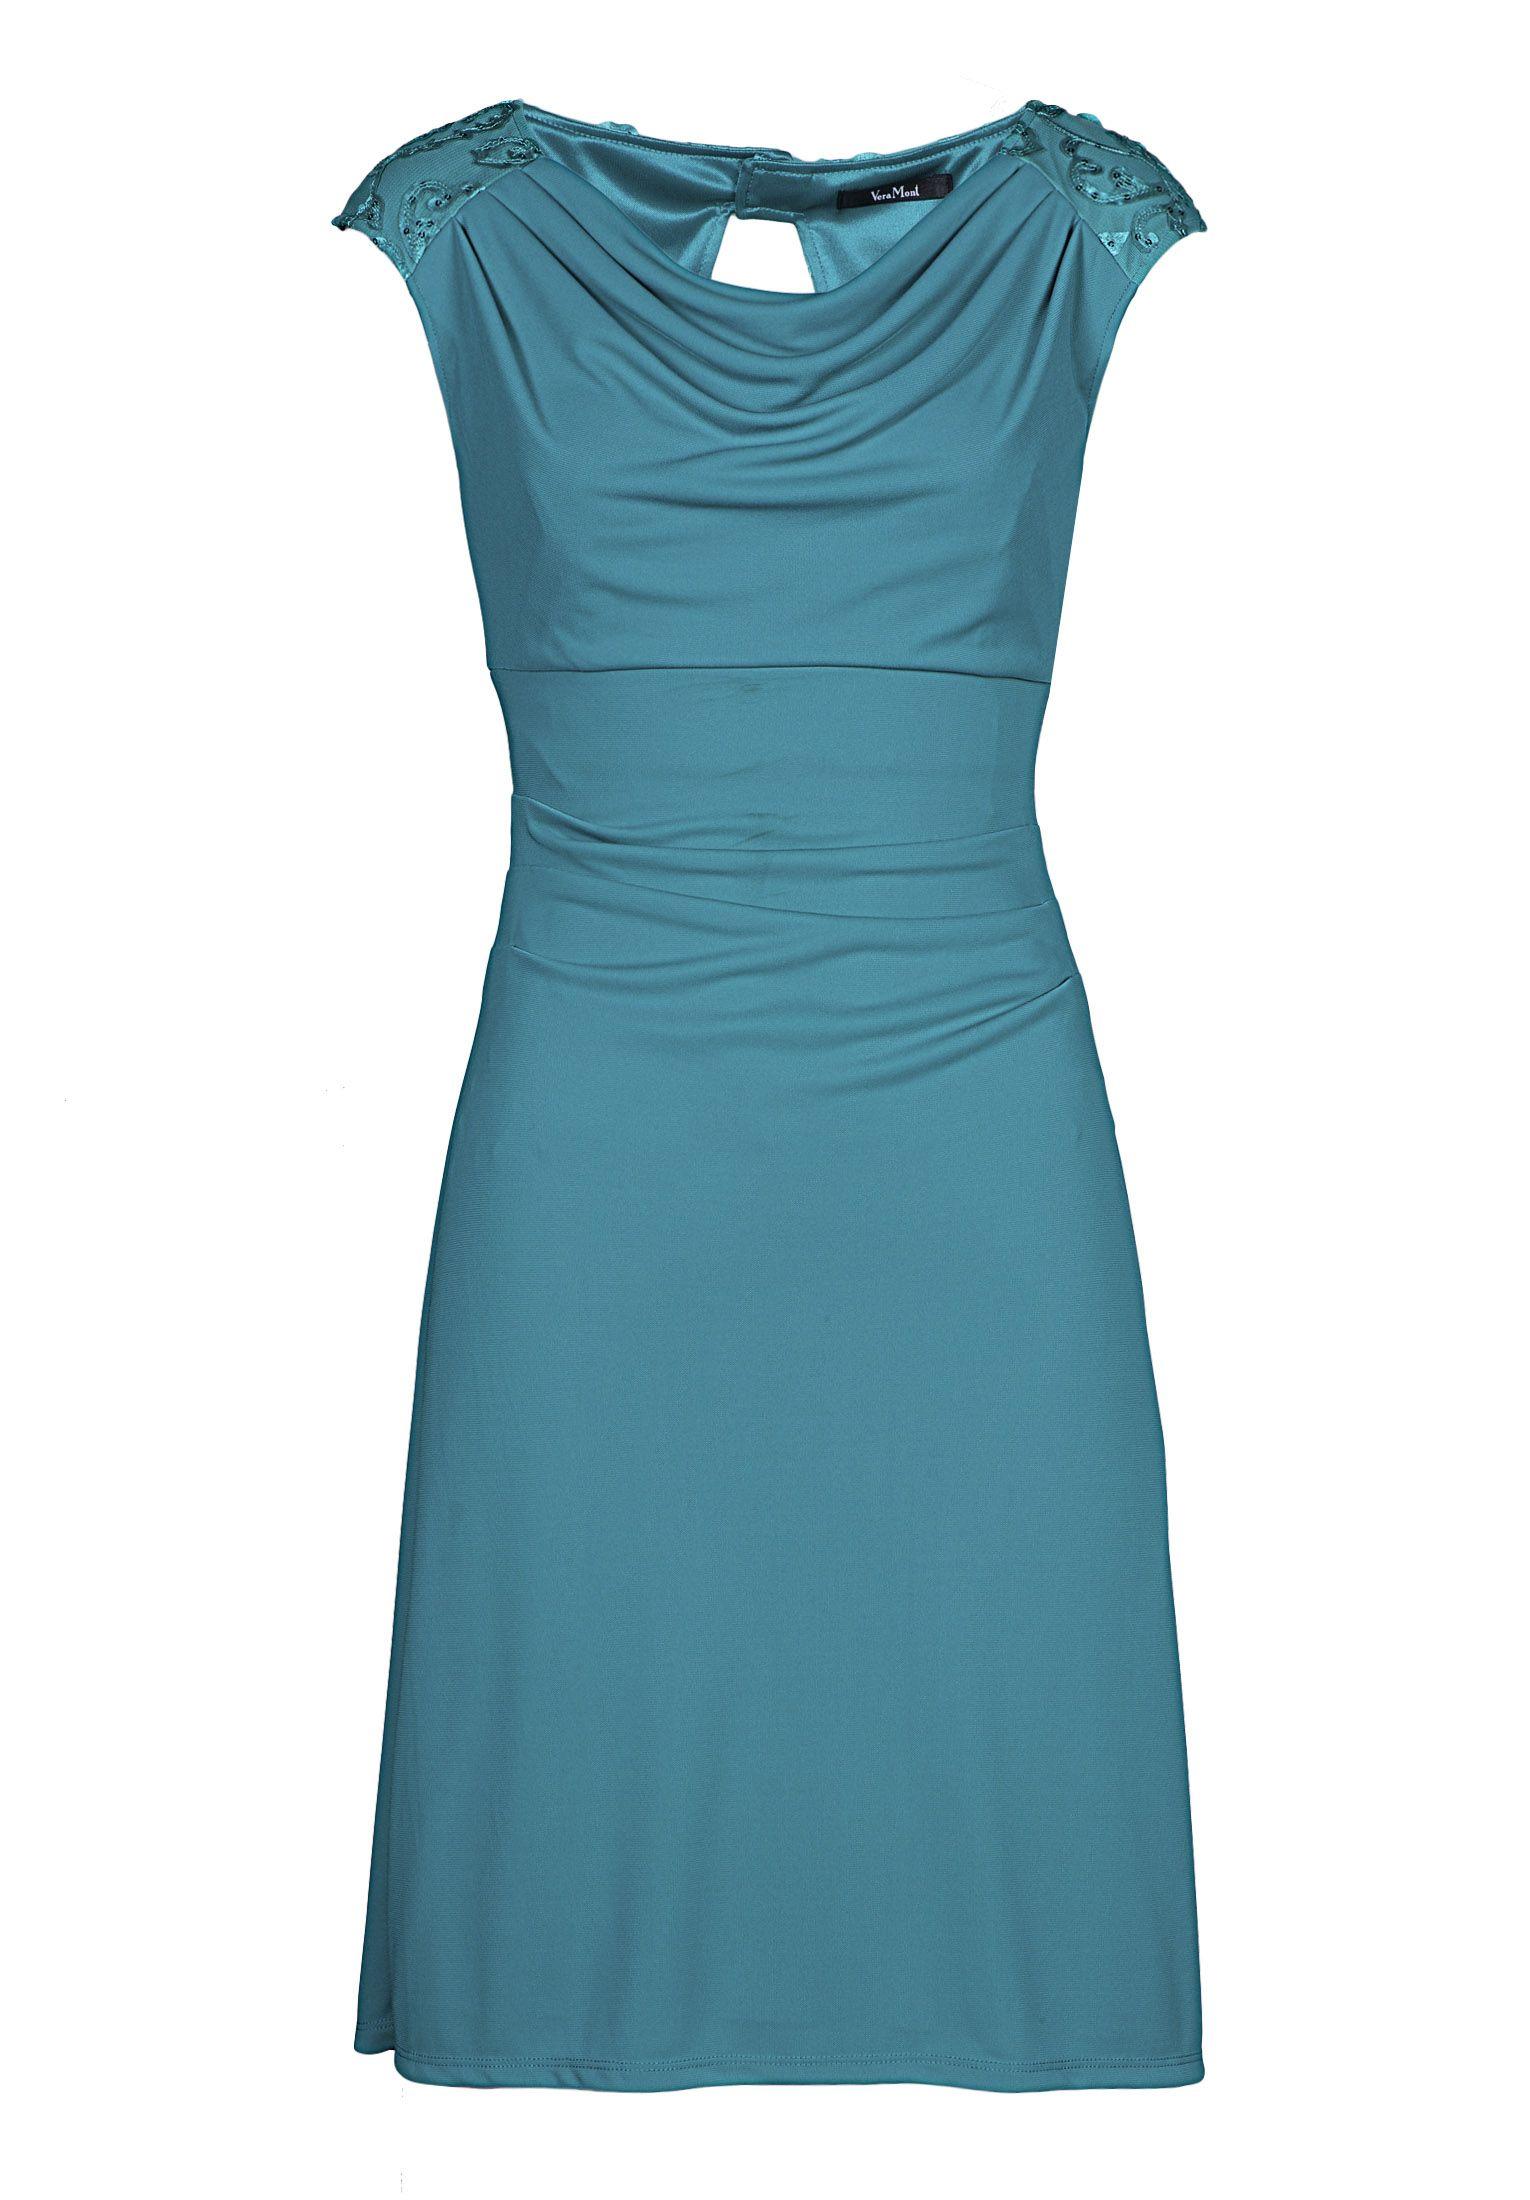 Vera mont chiffonkleid blau